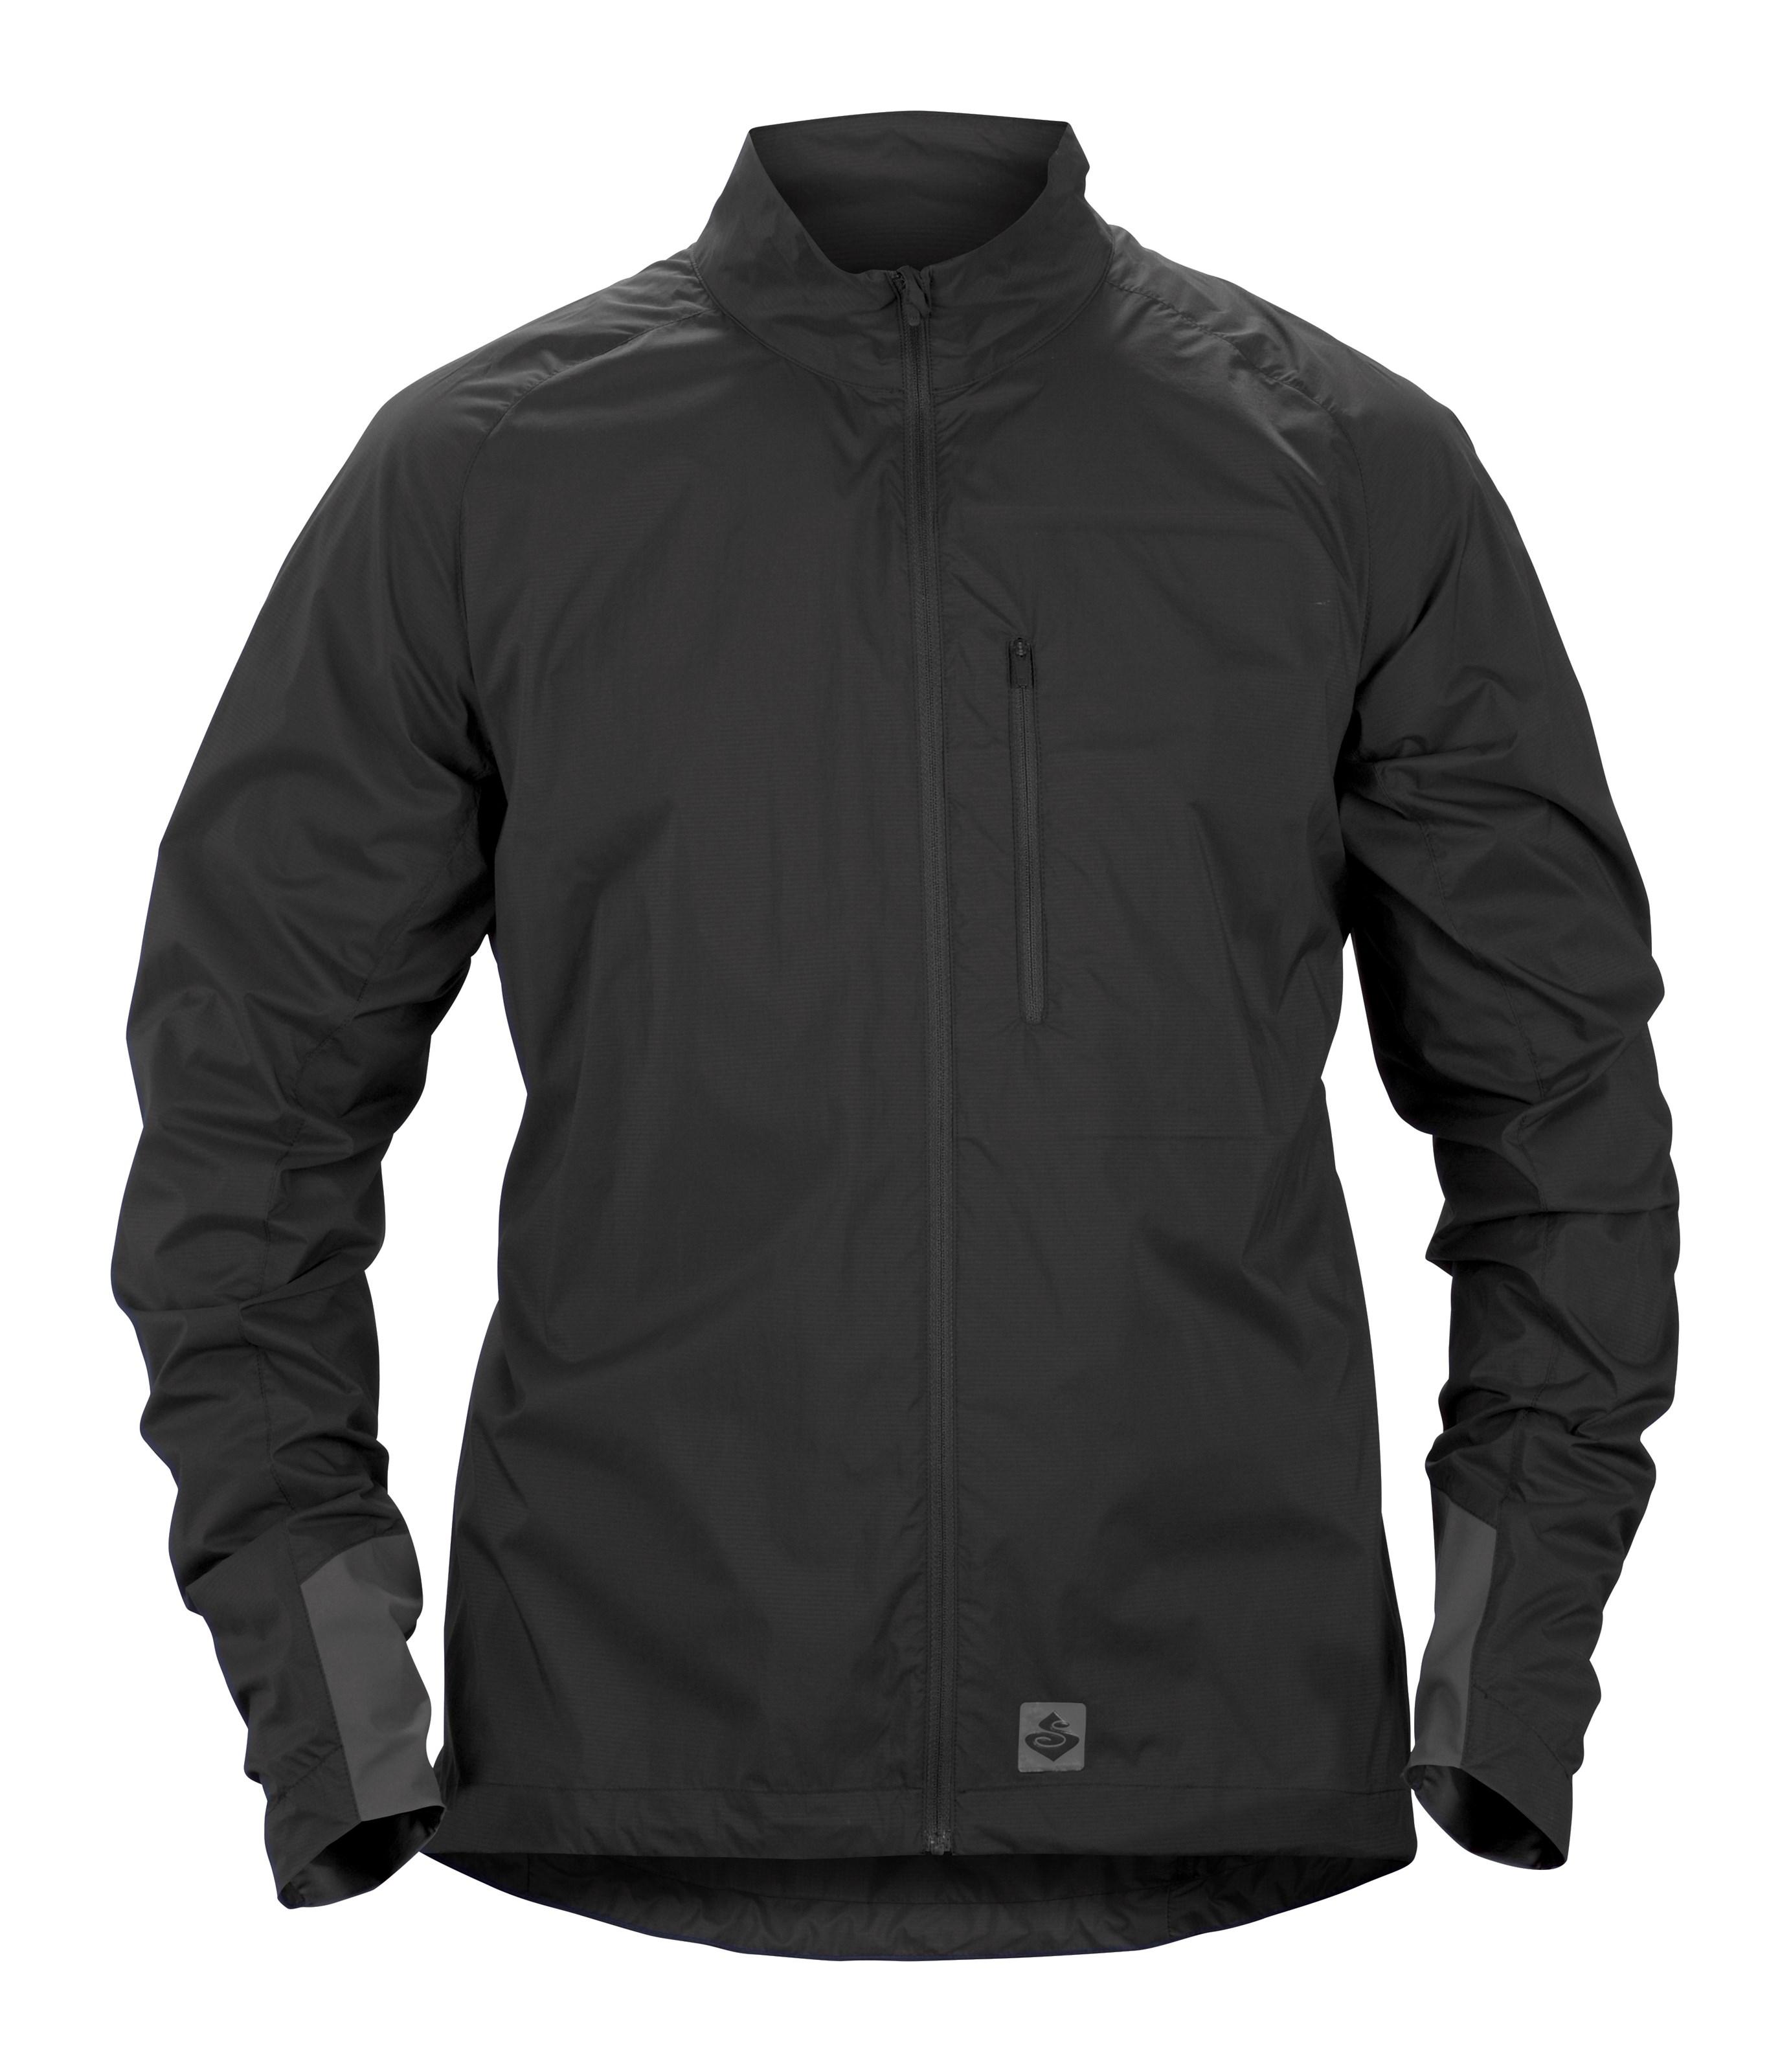 828071-hunter_air_jacket-charcoal_gray-front 10.36.09.jpg